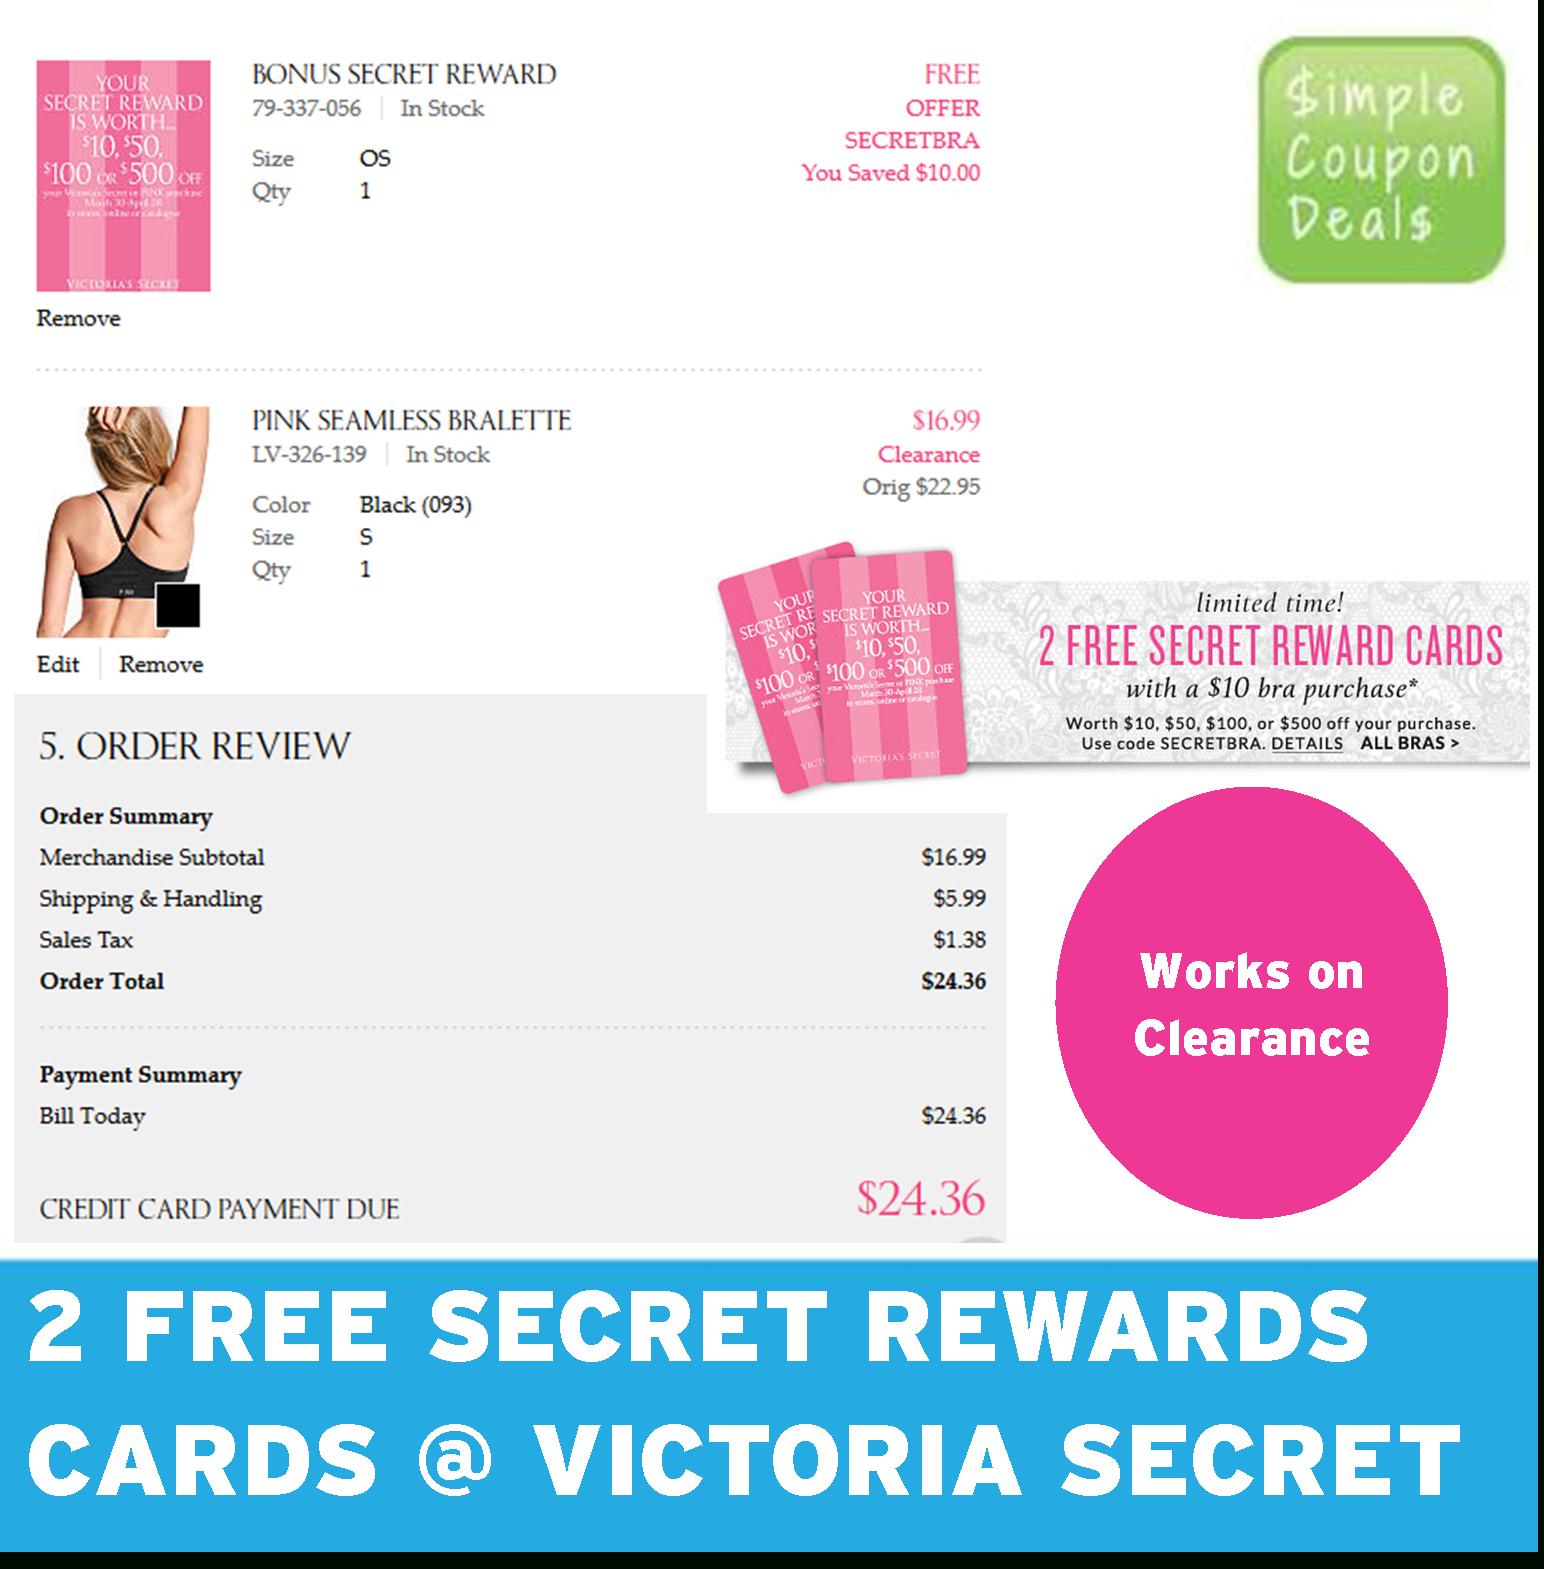 Save Money With Victoria's Secret Sales, Secret Rewards - Free Printable Coupons Victoria Secret